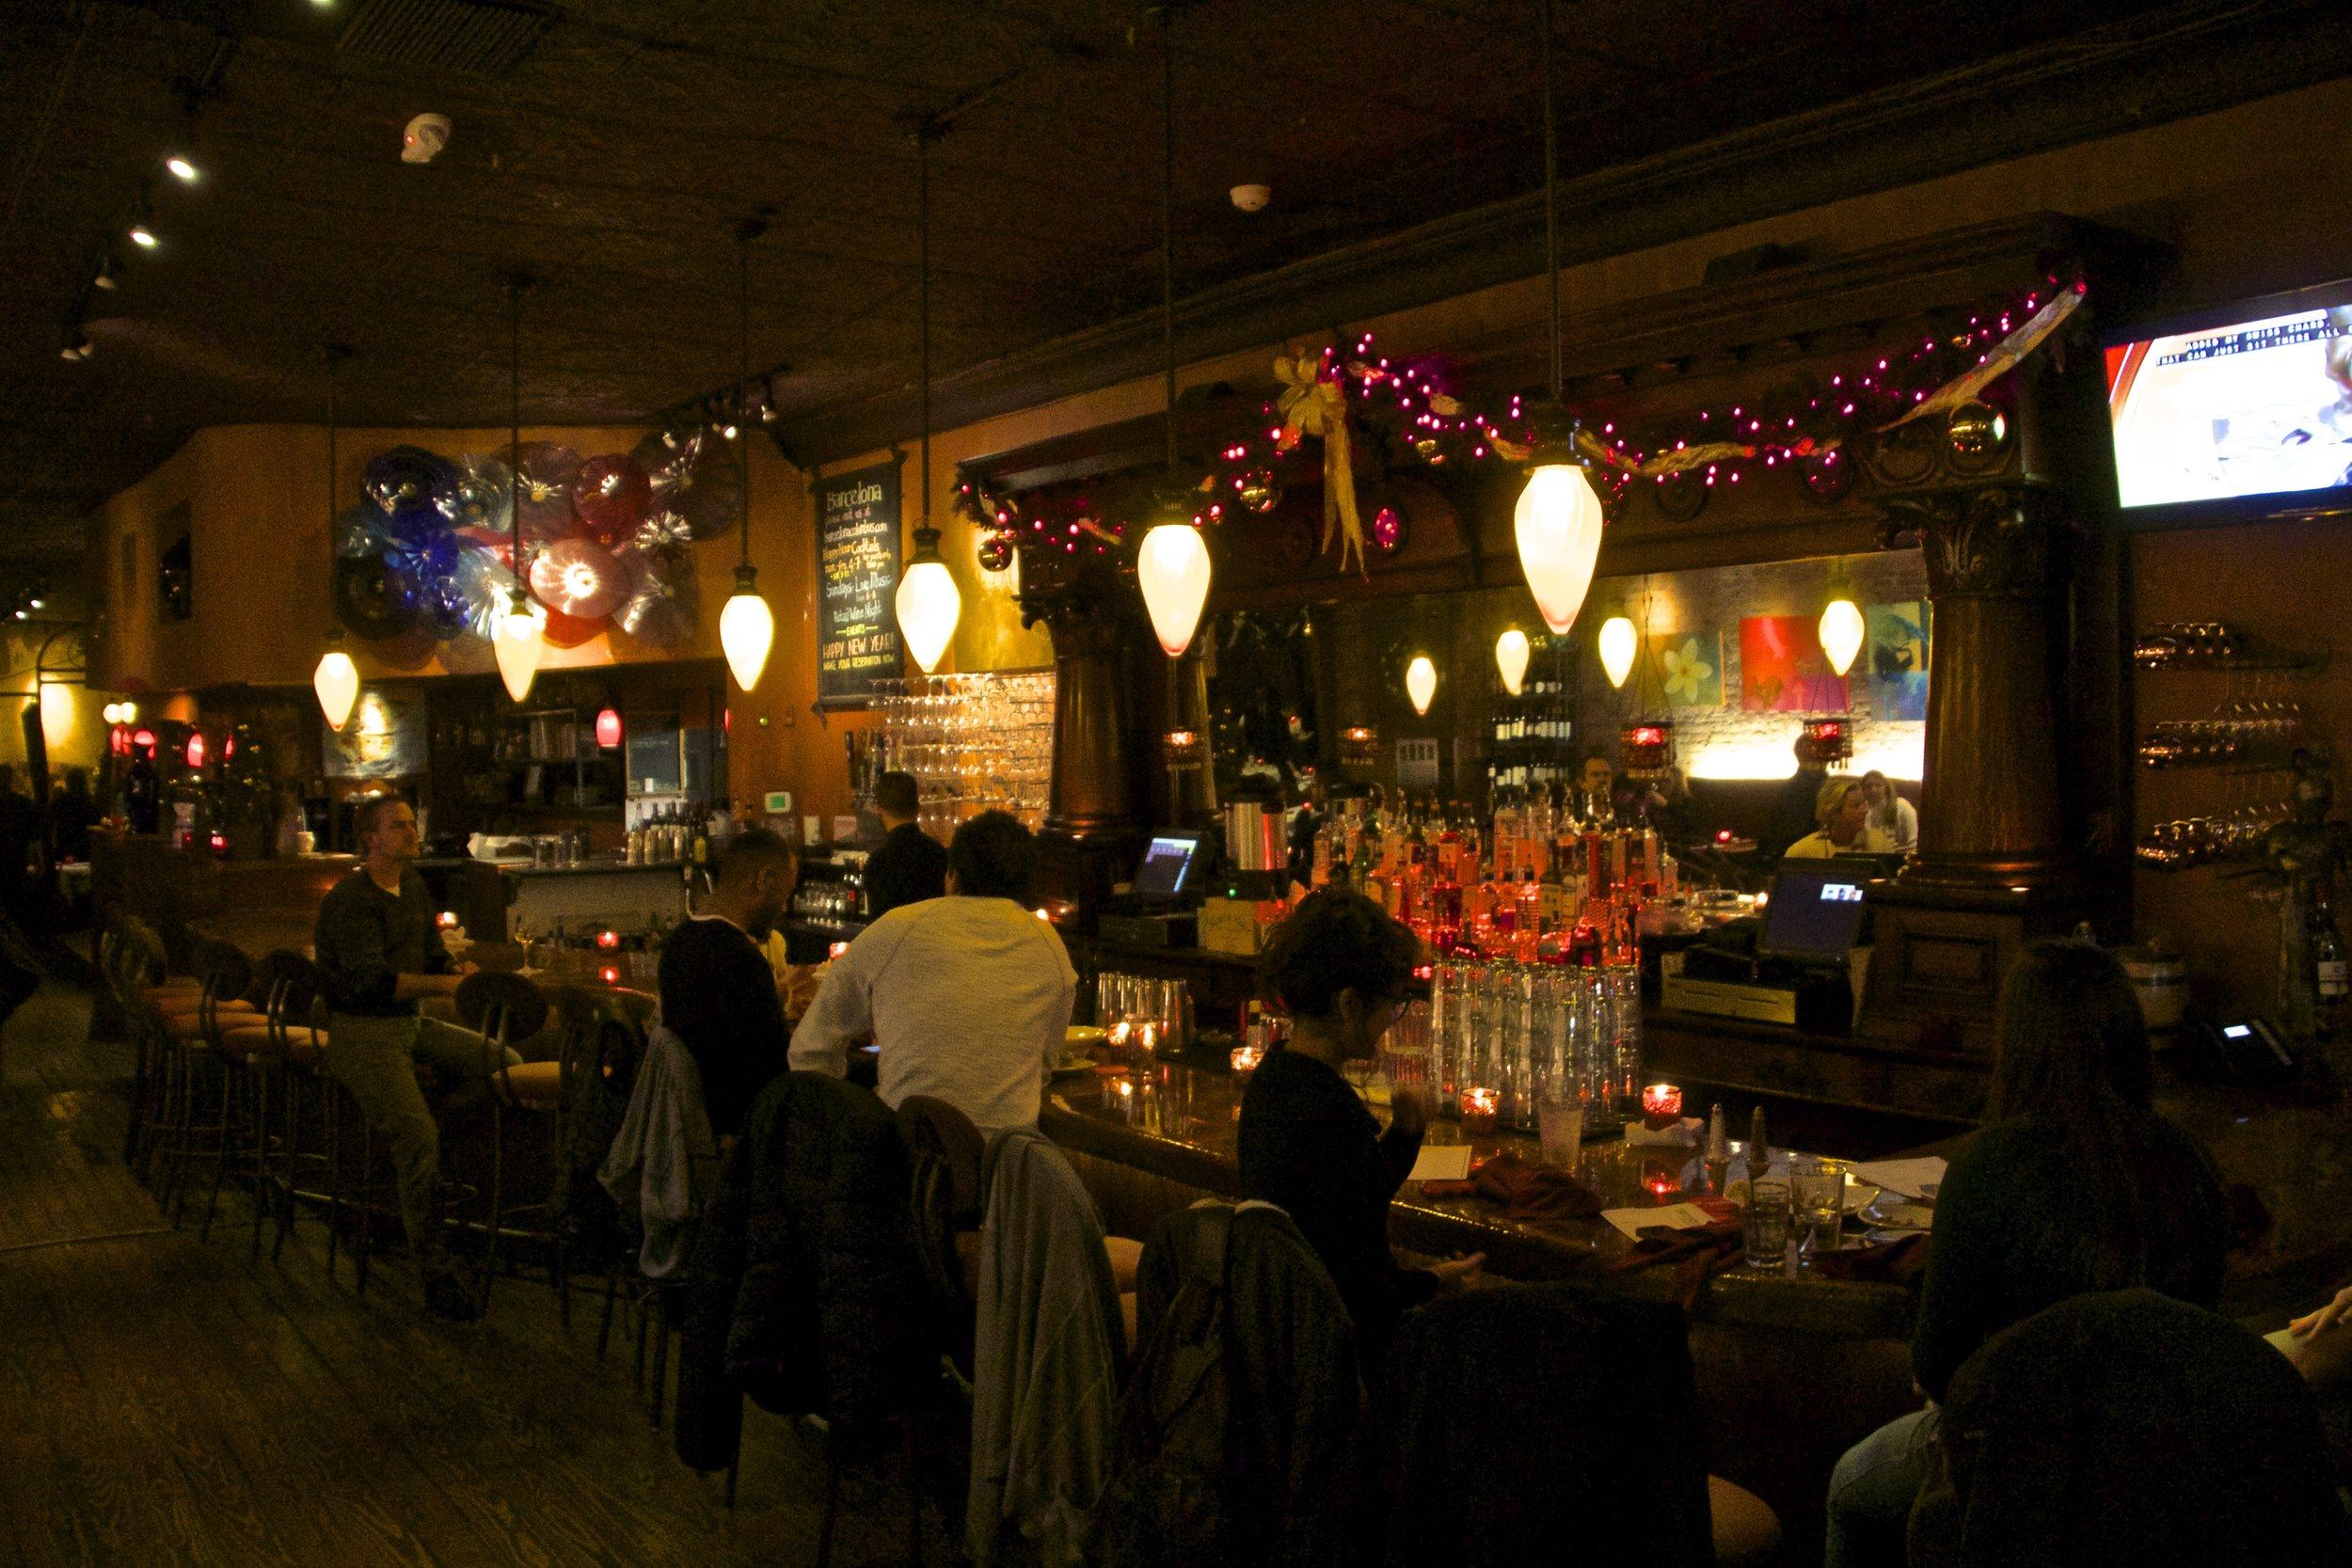 barcelona-columbus-restaurants-3.jpg